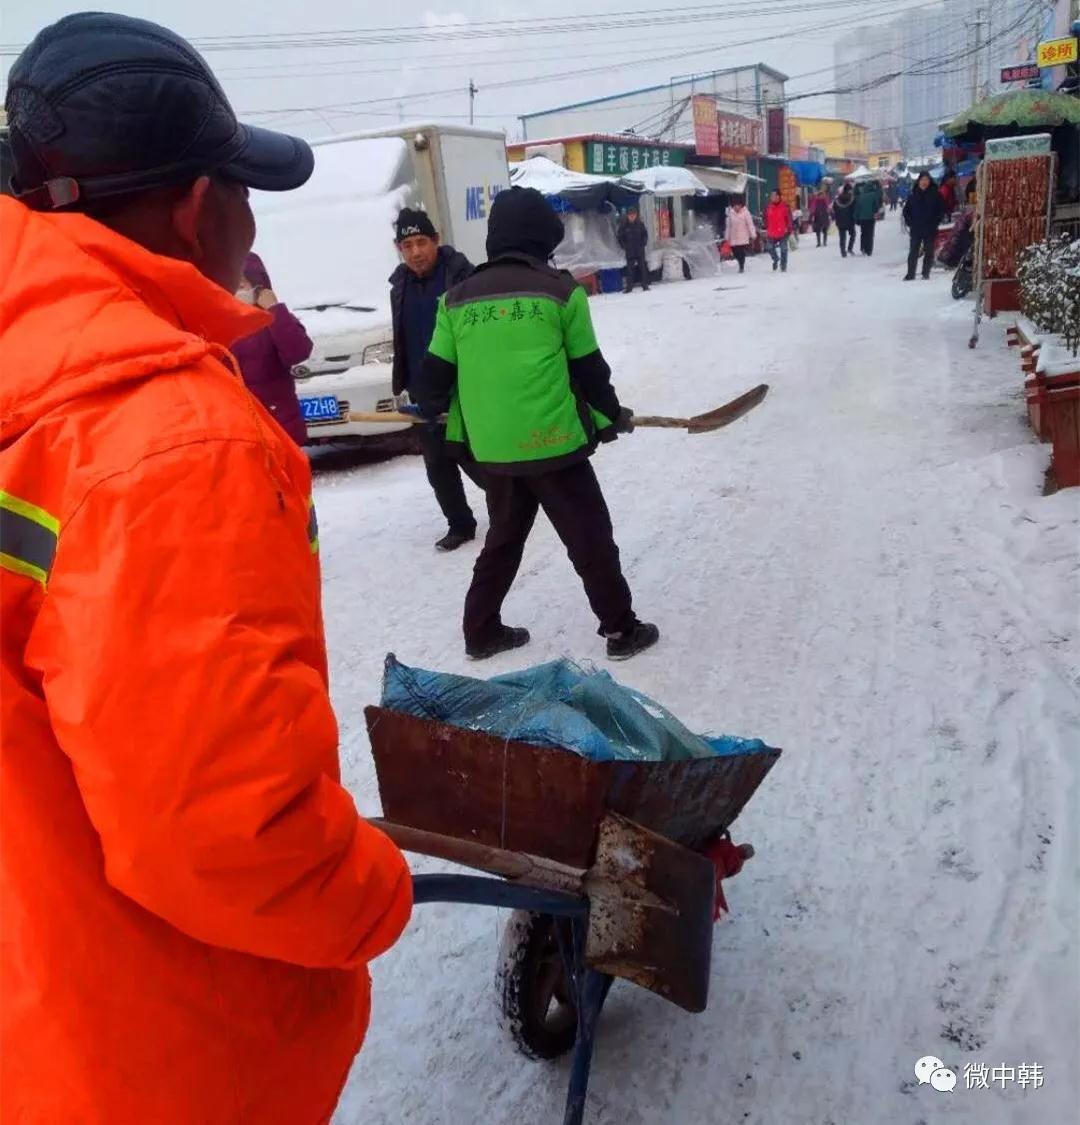 中韩街道:雪景很美,但他们更美_青岛频道_凤凰网